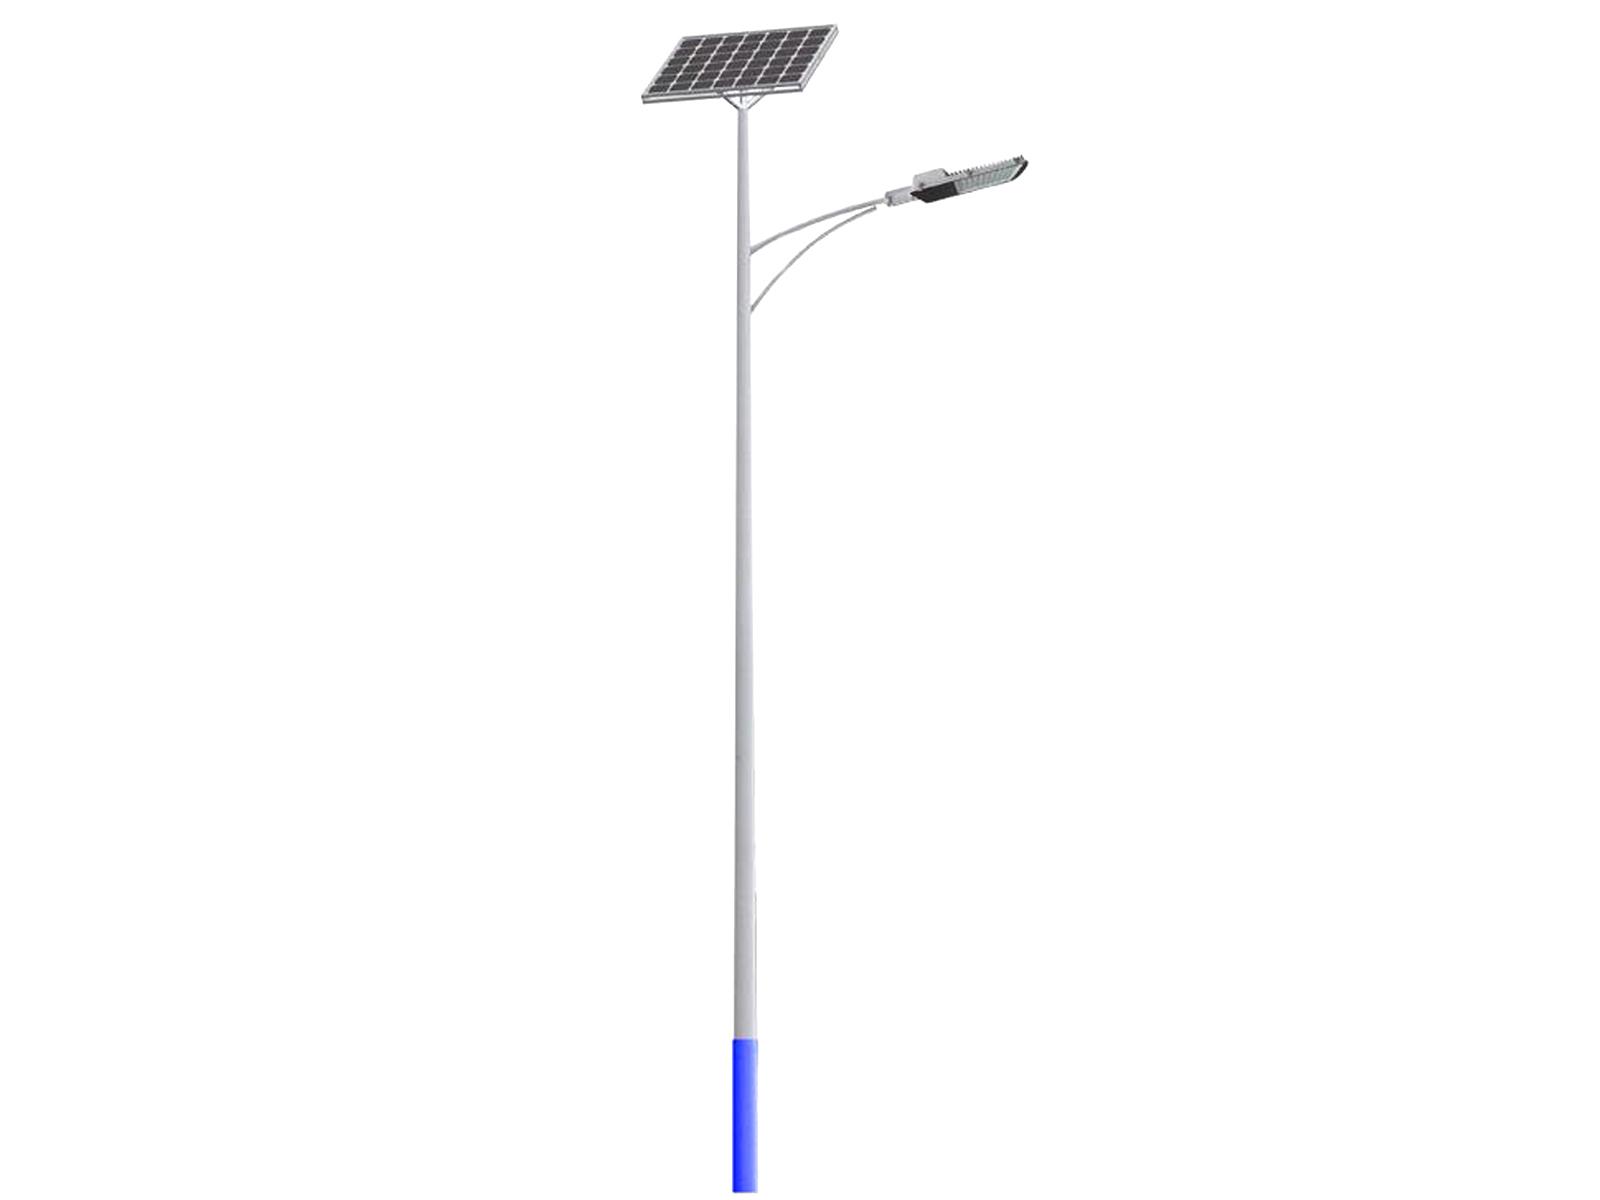 6米太阳能路灯_6米太阳能道路灯_6米太阳能路灯厂家